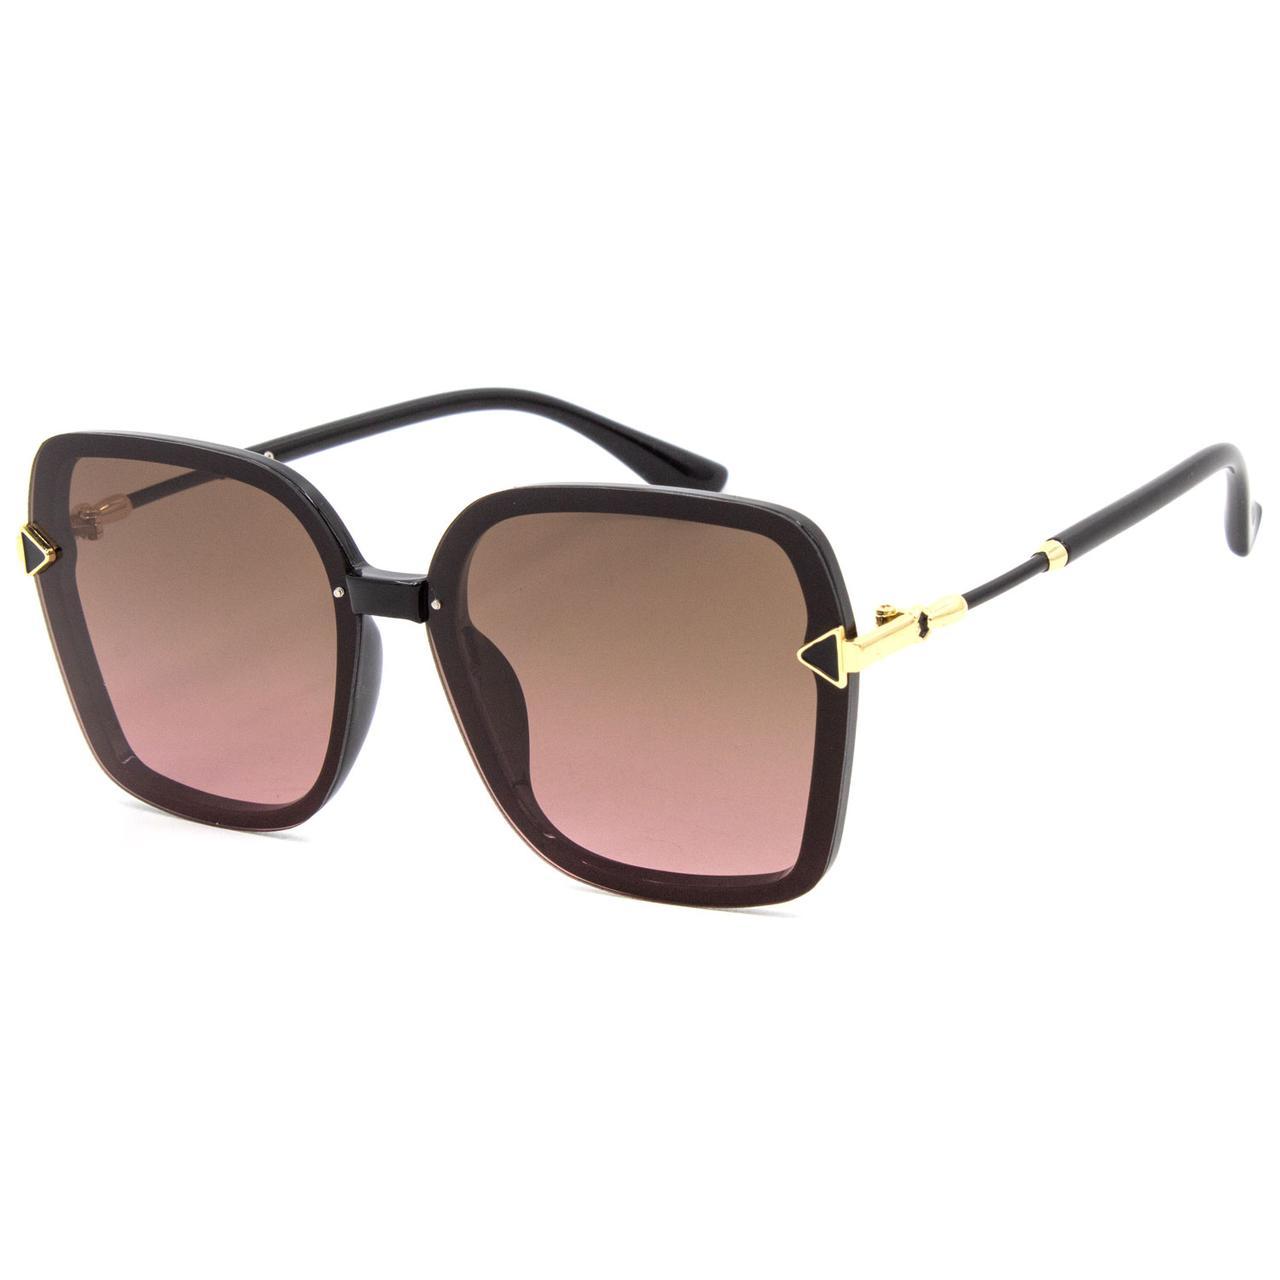 Солнцезащитные очки Marmilen Polar 3229 C3 черные с розовым   ( 3229-03 )